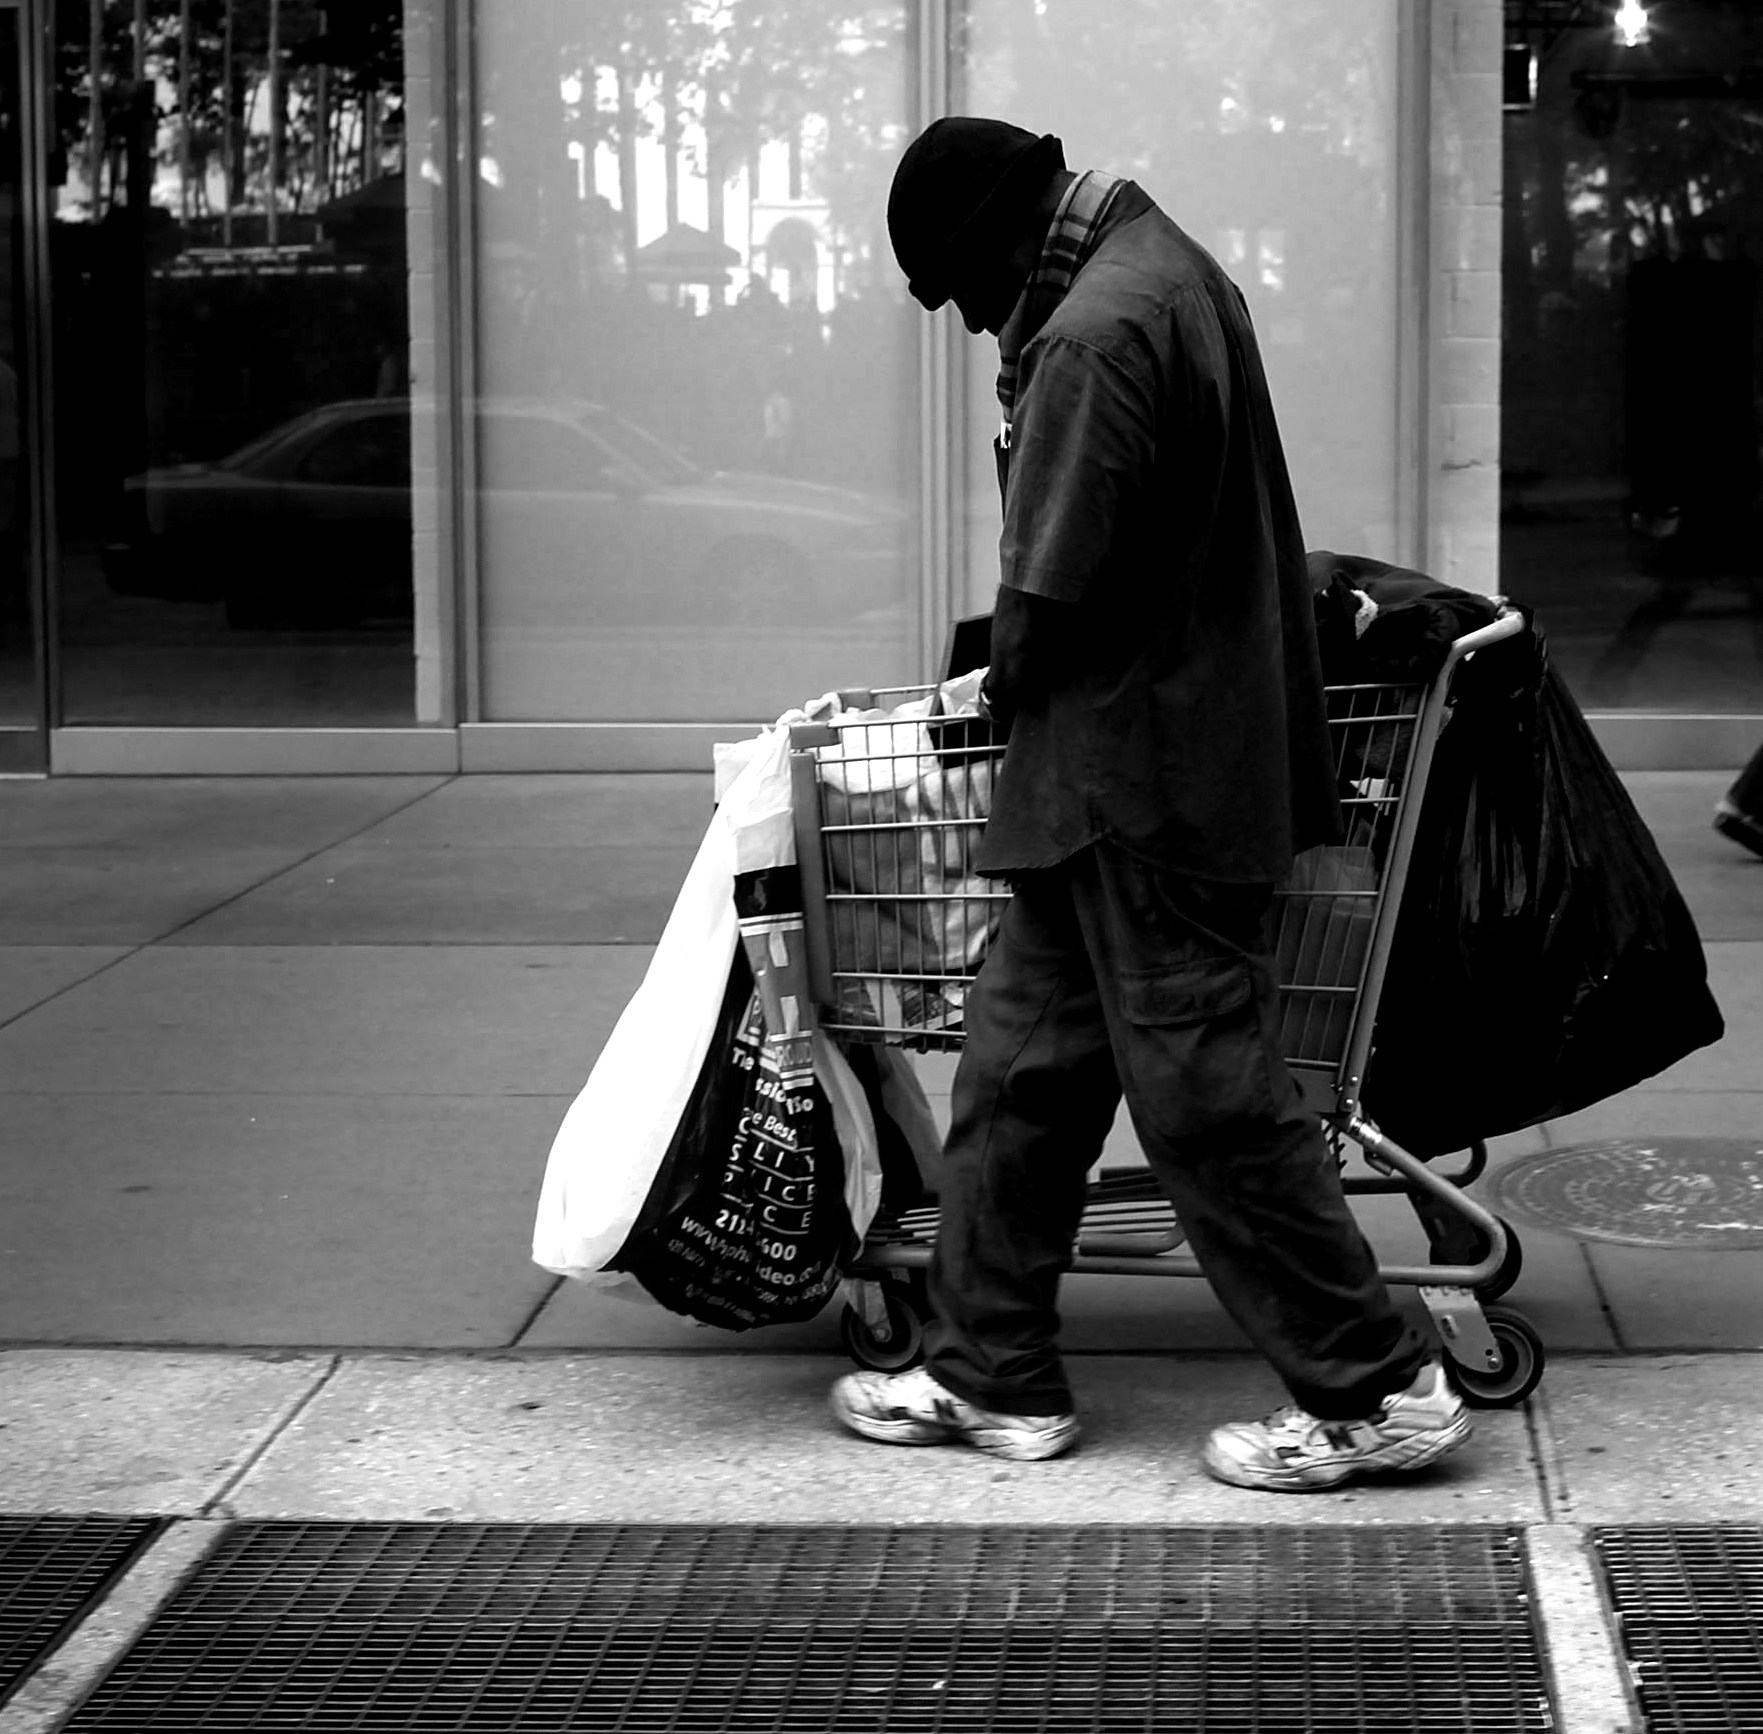 homeless6.jpg